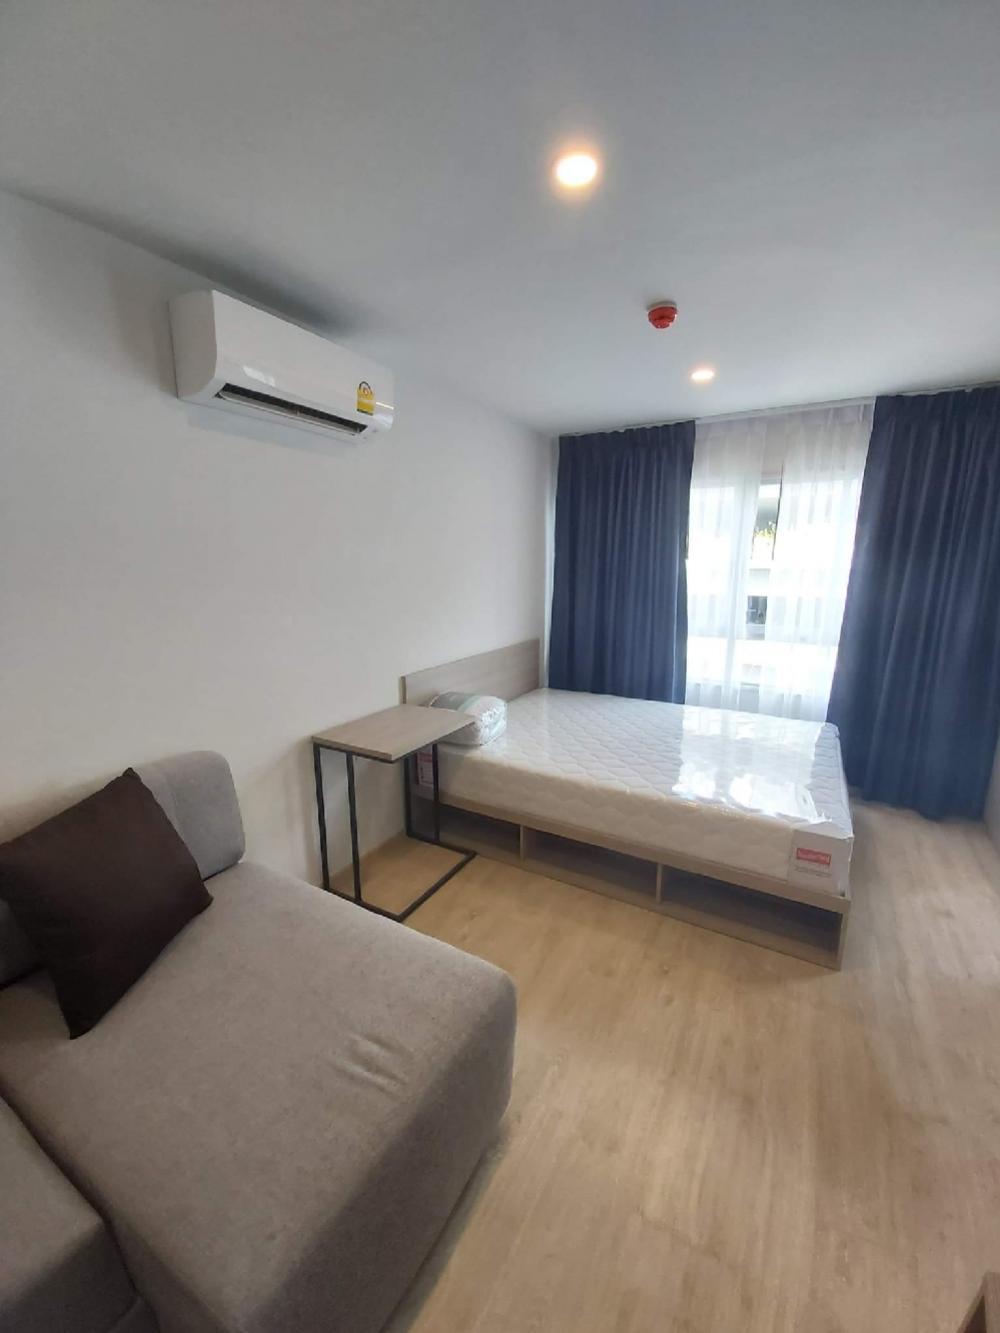 For RentCondoKasetsart, Ratchayothin : Elio Del Moss, Studio room for rent, new, beautiful, fully furnished, near Kasetsart University